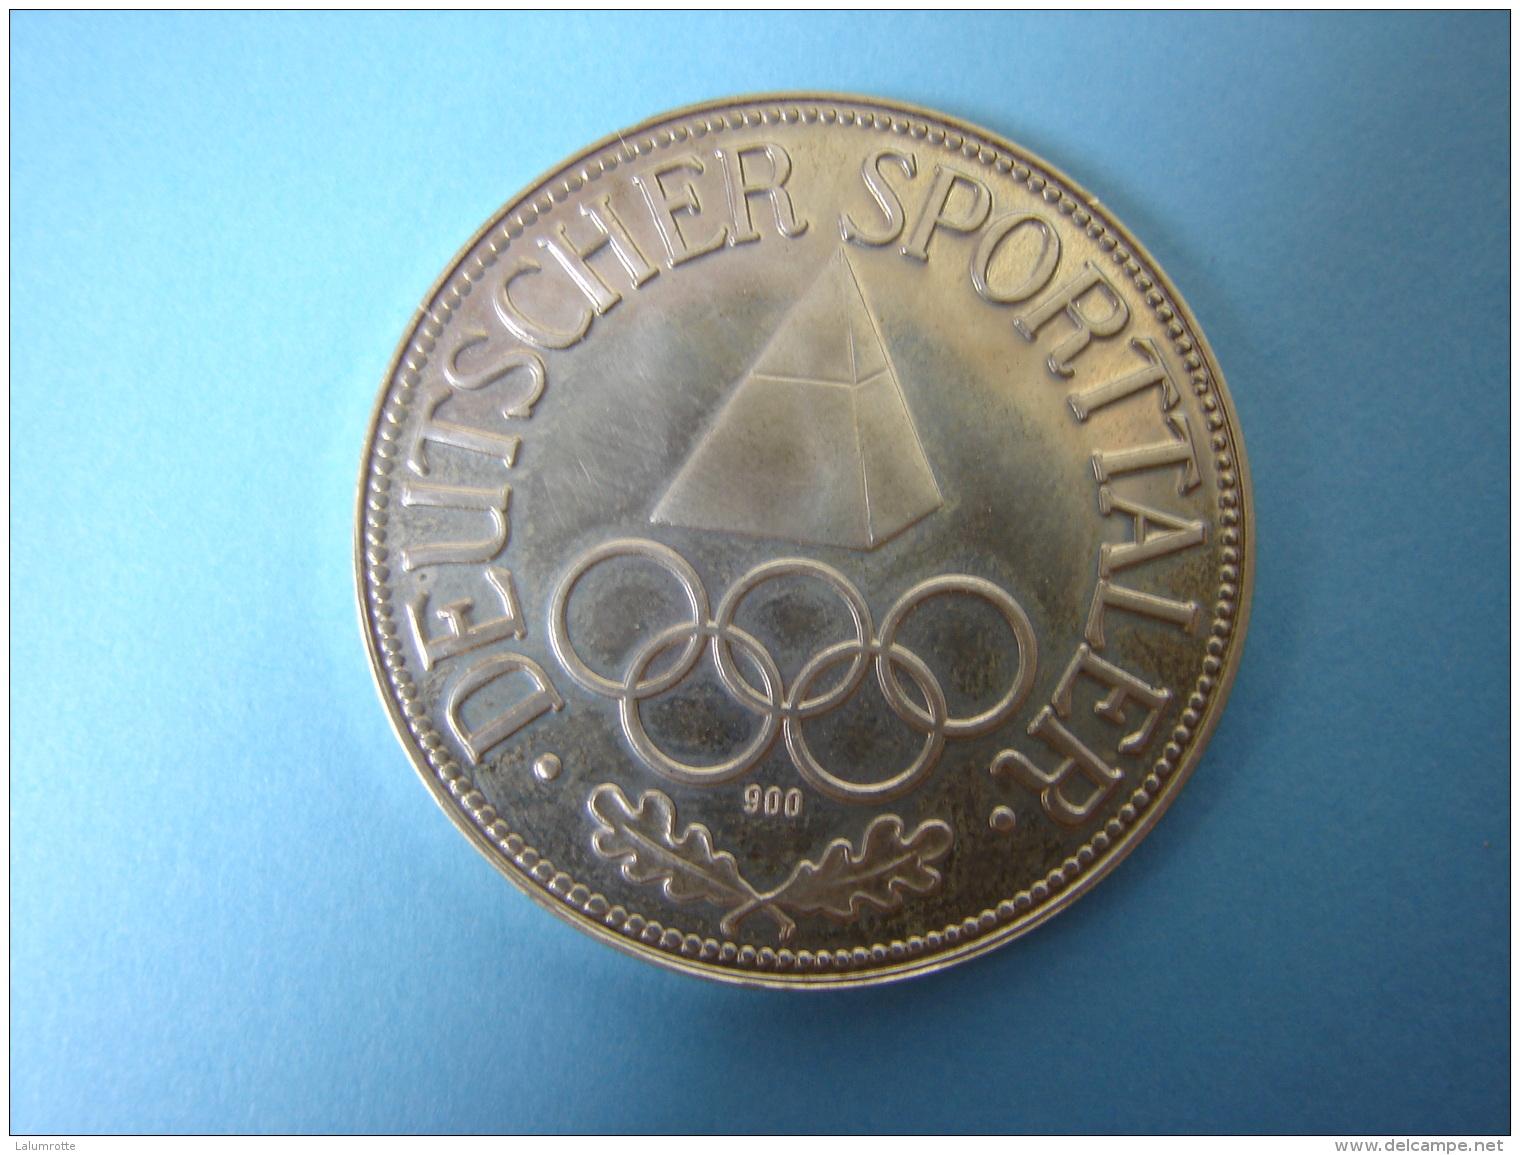 PA. Mo. 71. Jugend Der Welt IM Sport Vereint . Deutscher Sportaler. Argent 900 - Allemagne